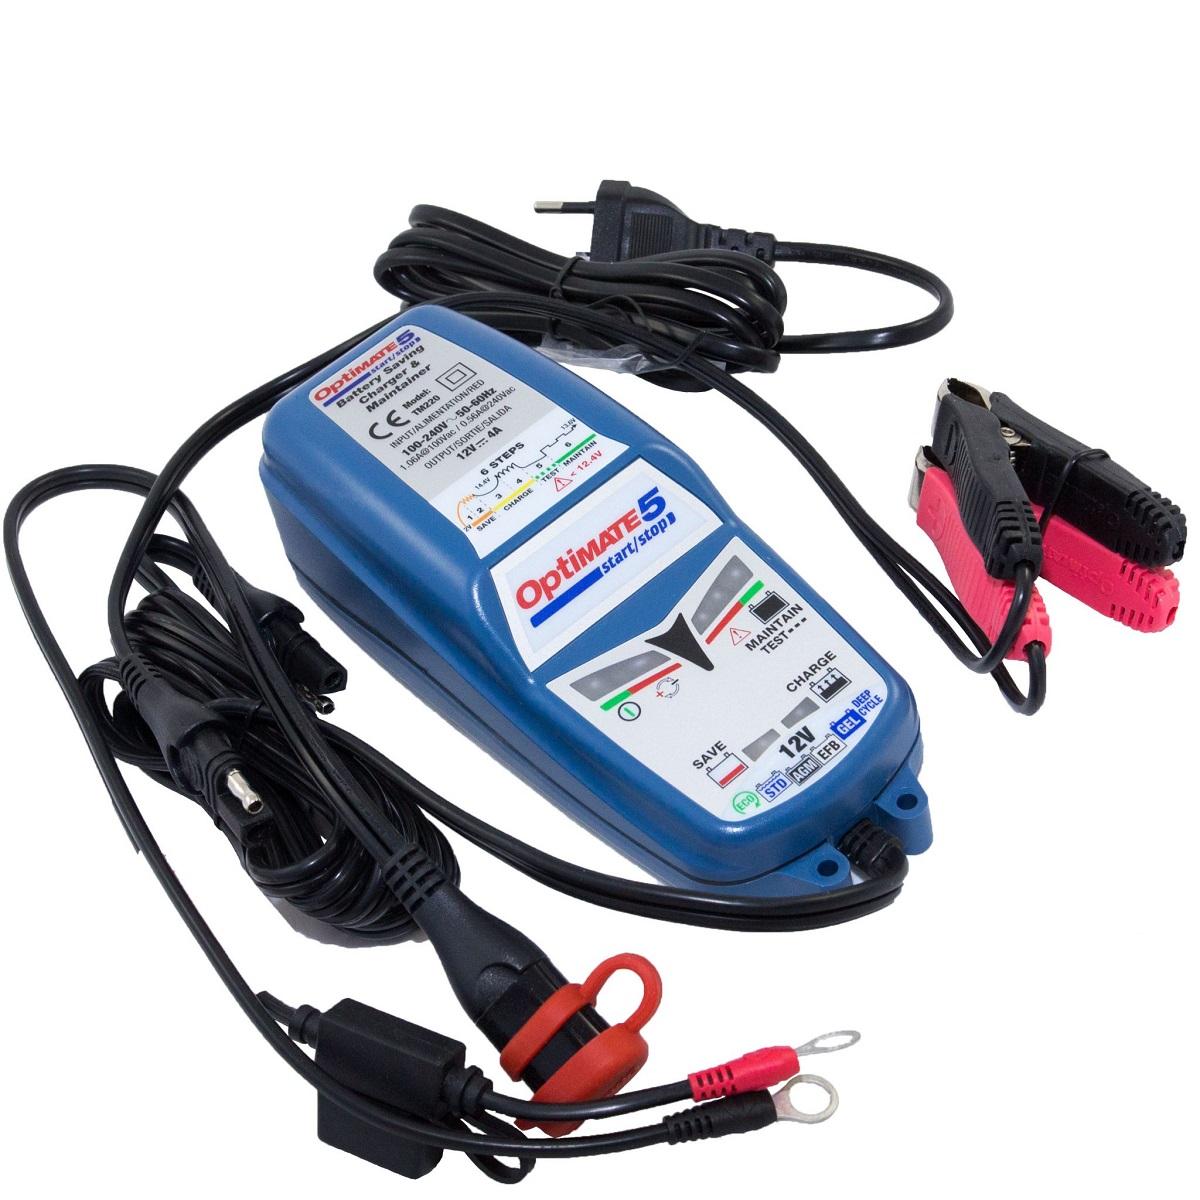 Зарядное устройство OptiMate 5 4А Start-Stop. TM220 устройство optimate 5 tm220